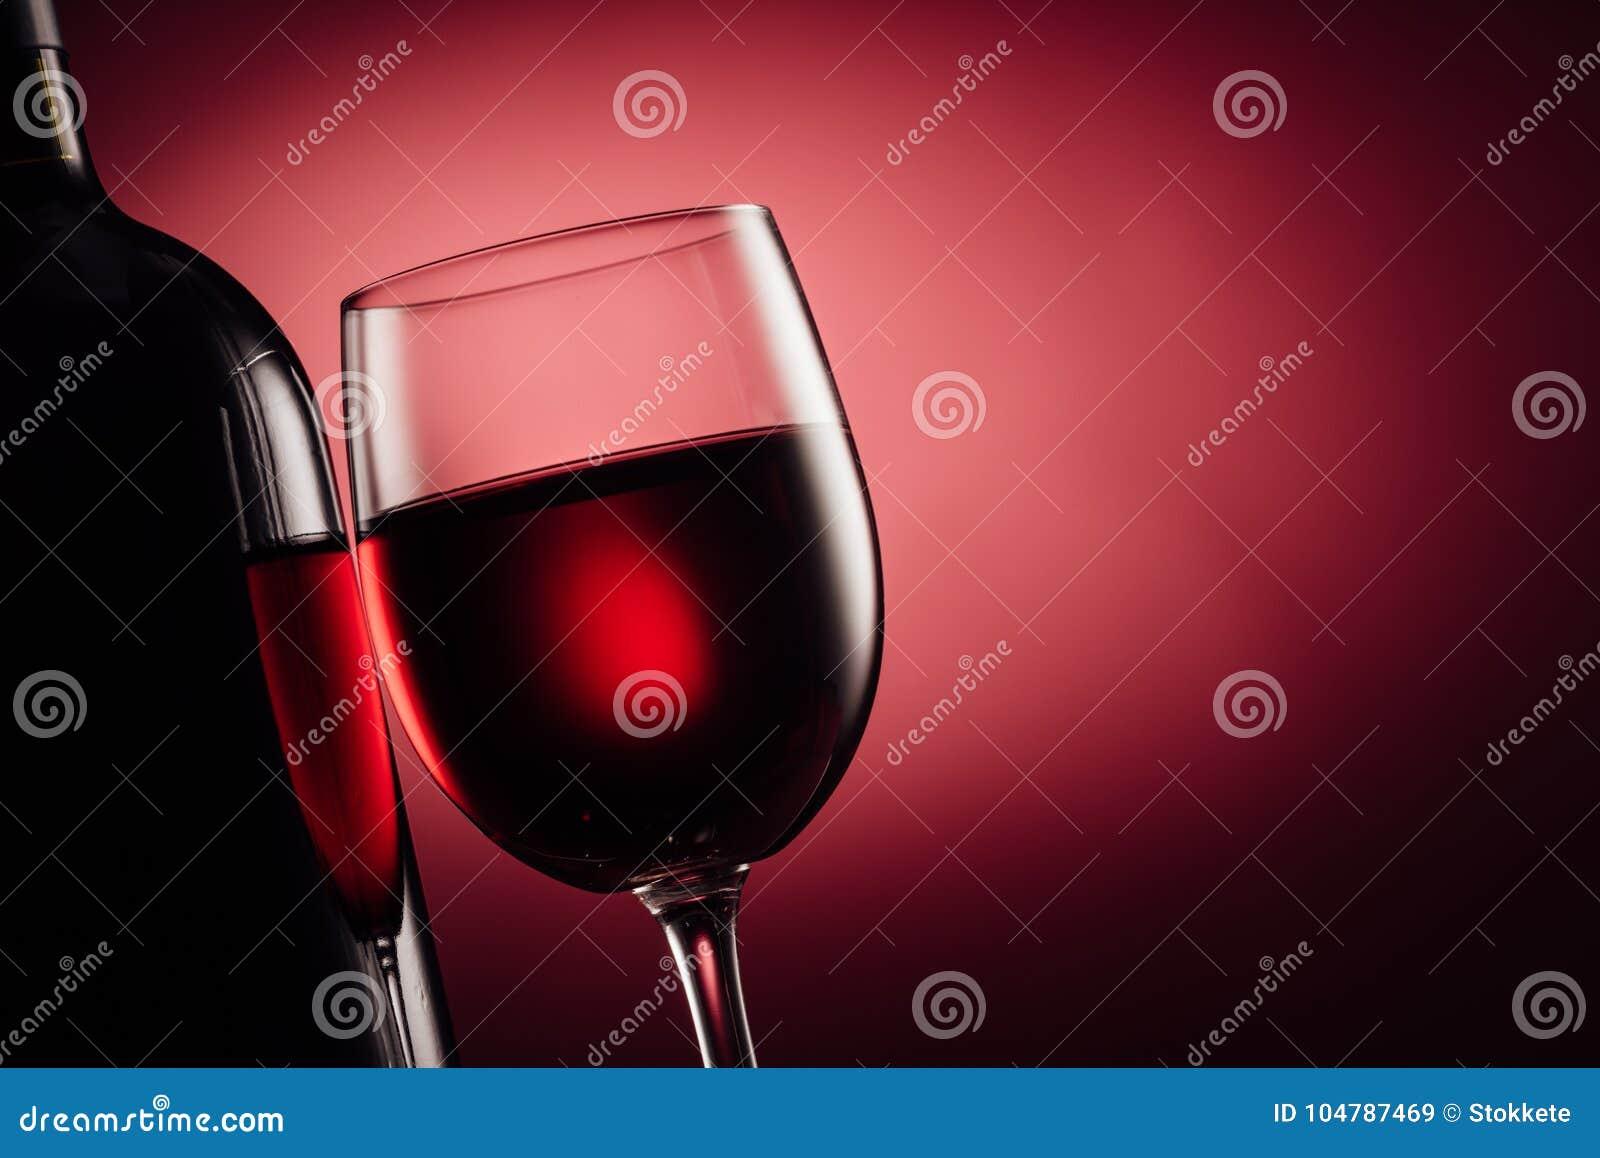 Degustación de vinos y celebración